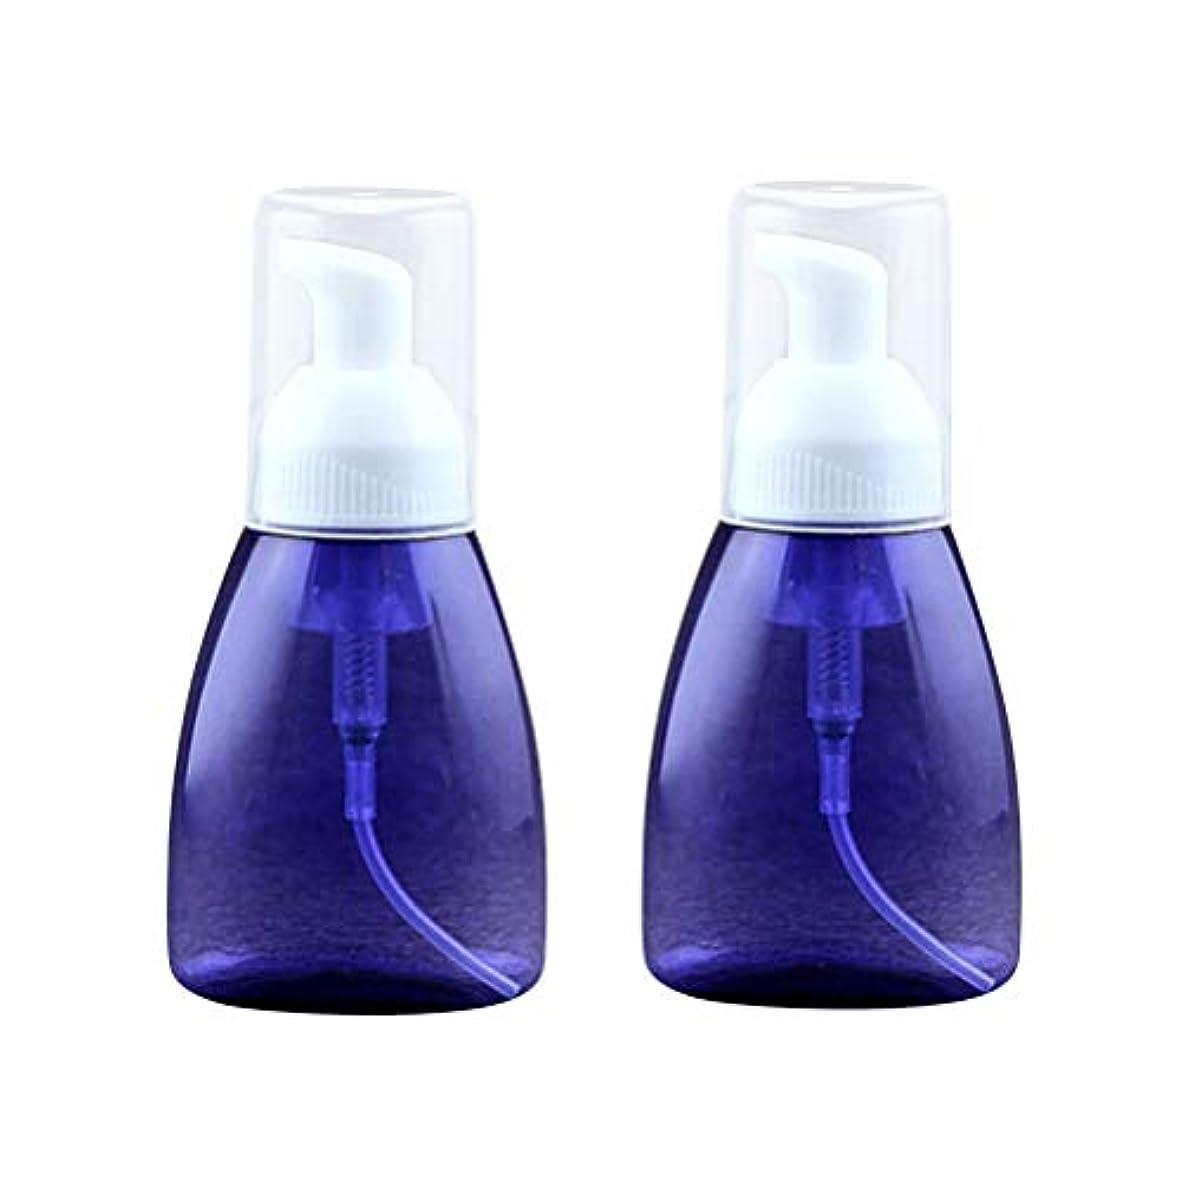 配偶者スポンジ活発SUPVOX 2本発泡ソープディスペンサー詰め替え式プラスチックローションボトル泡ハンドポンプ空のボトル容器クリアトラベルトイレタリーボトル用液体シャンプー80ml(ブルー)